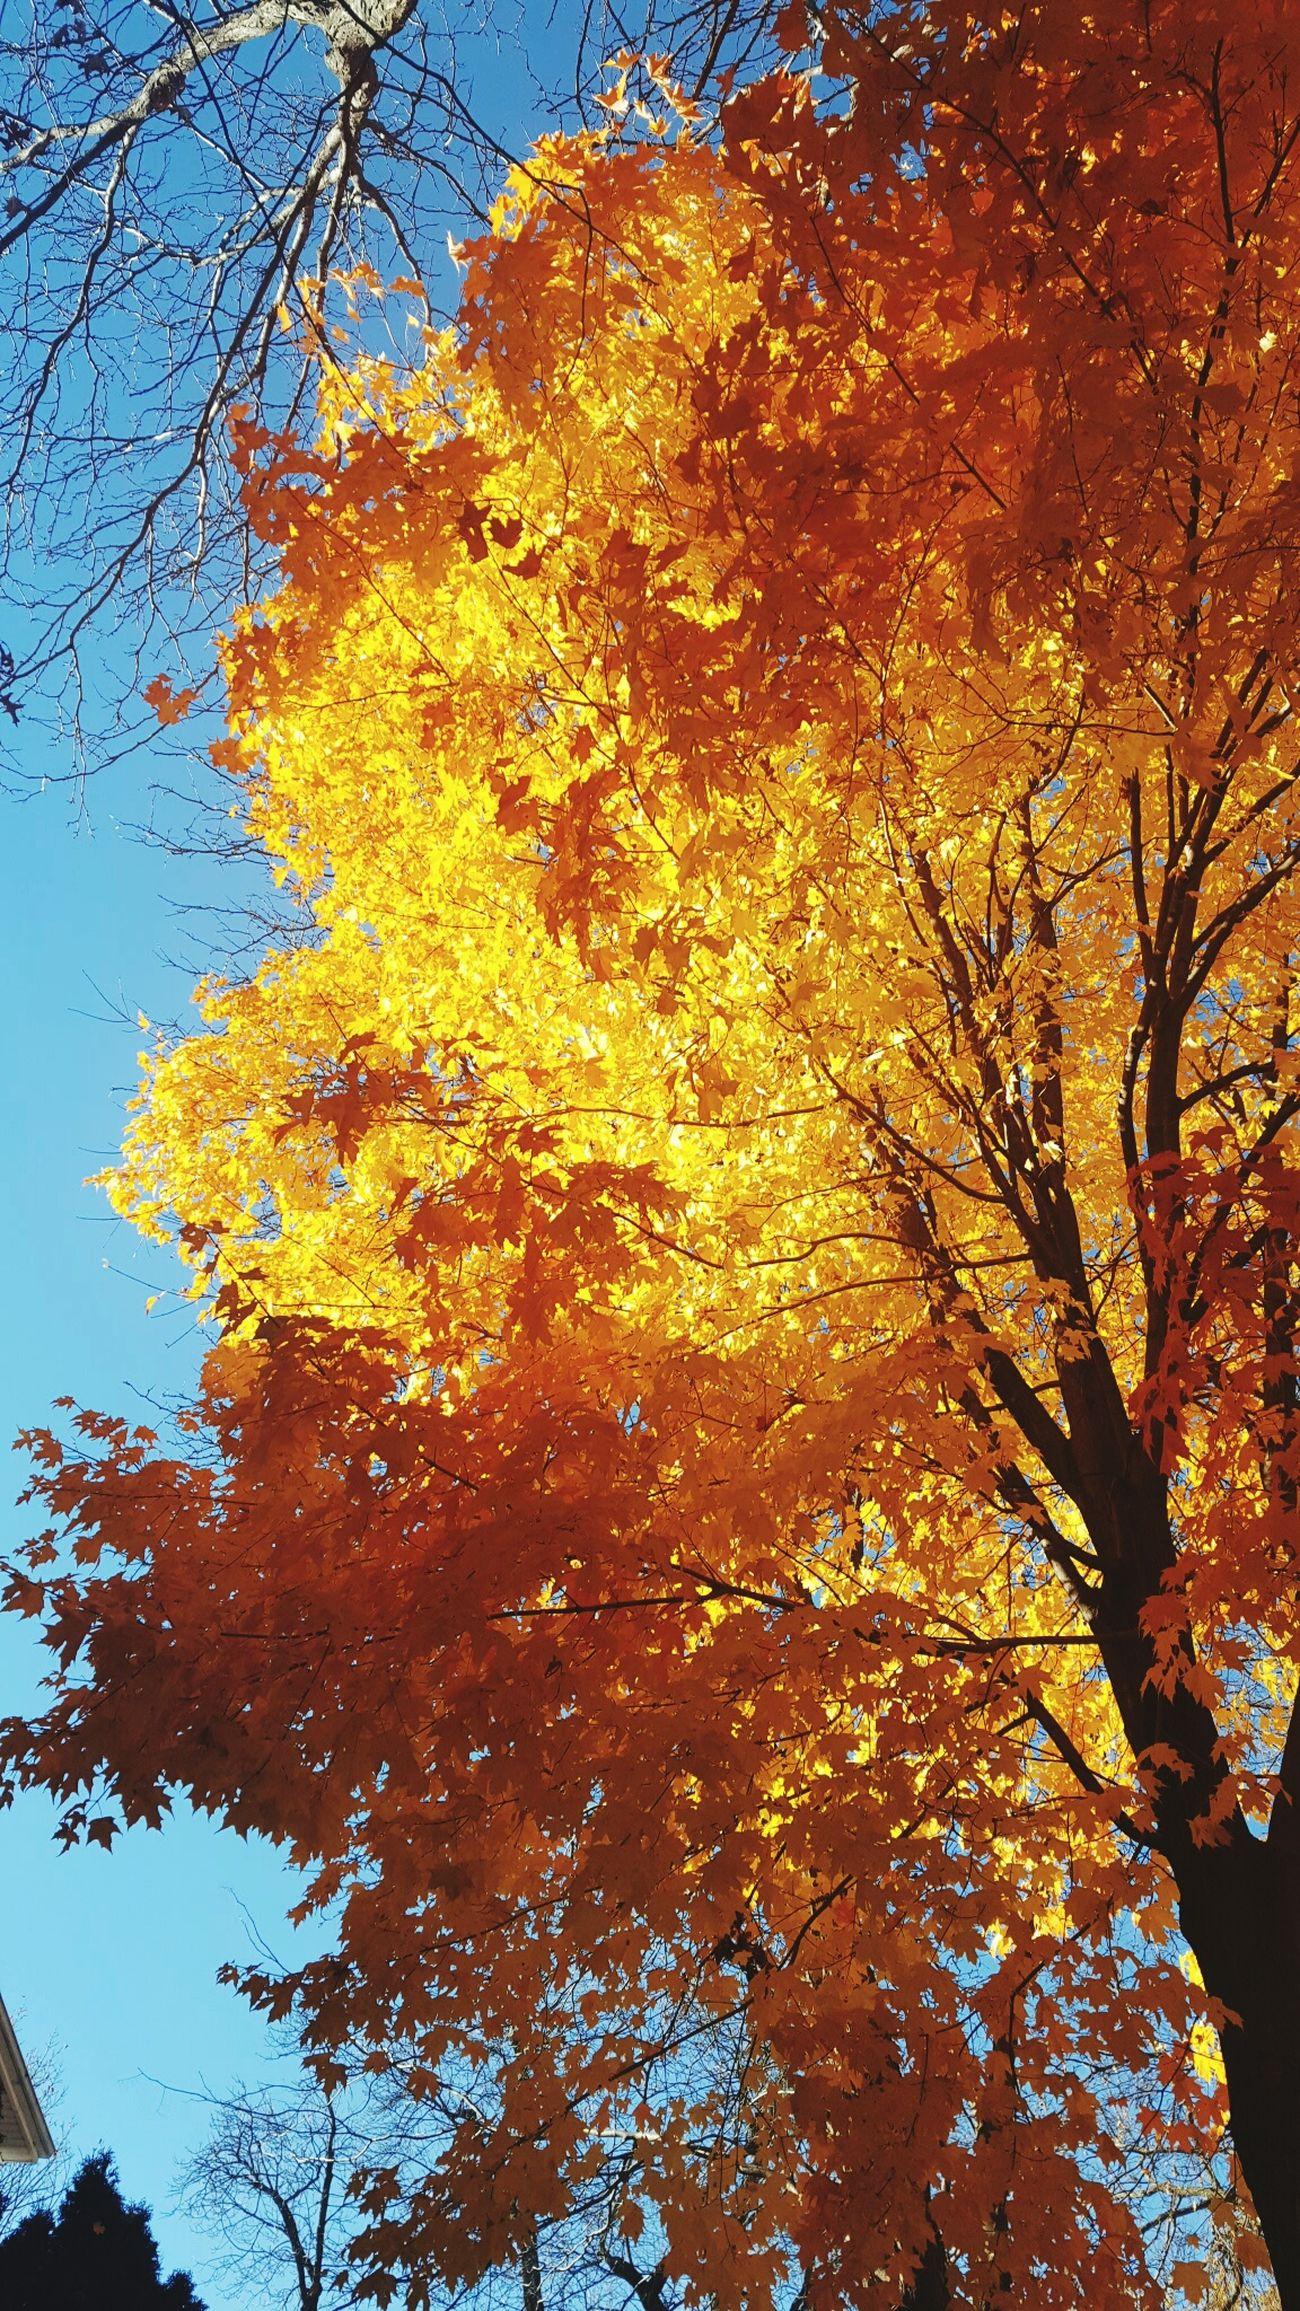 Fall Beauty Fallen Leaf